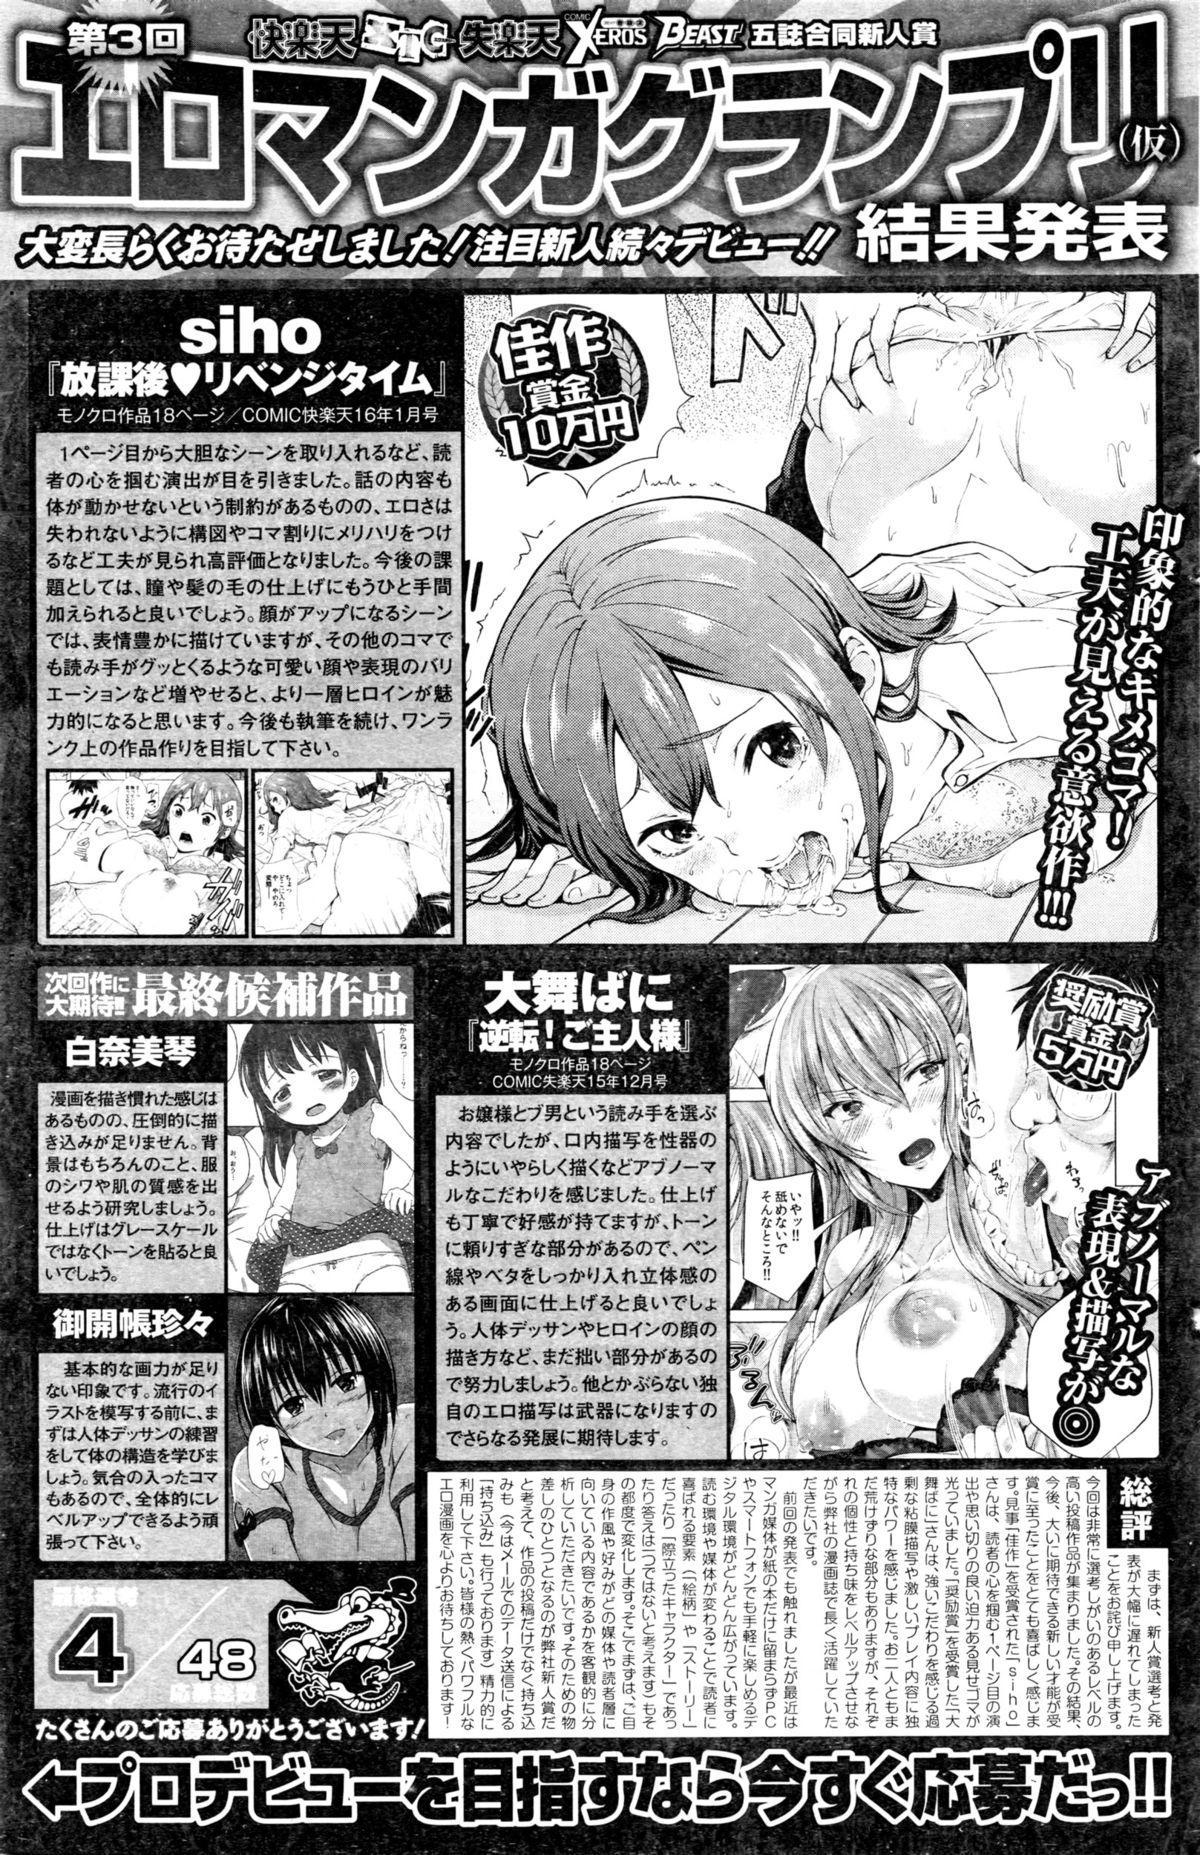 COMIC Kairakuten BEAST 2016-02 157